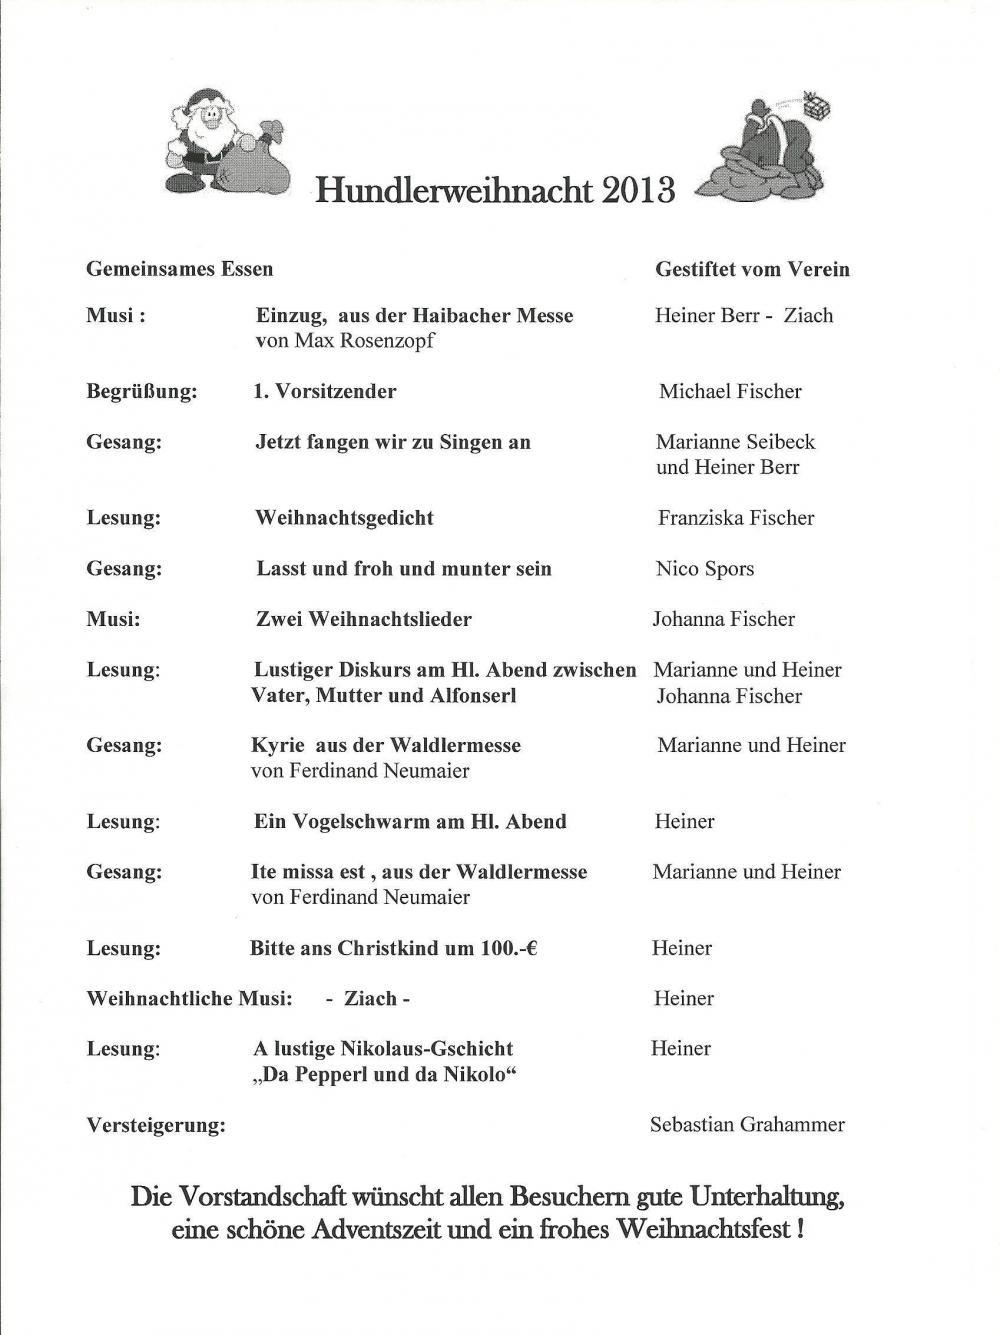 og kolbermoor e. v. - neuigkeiten 2013, Einladung